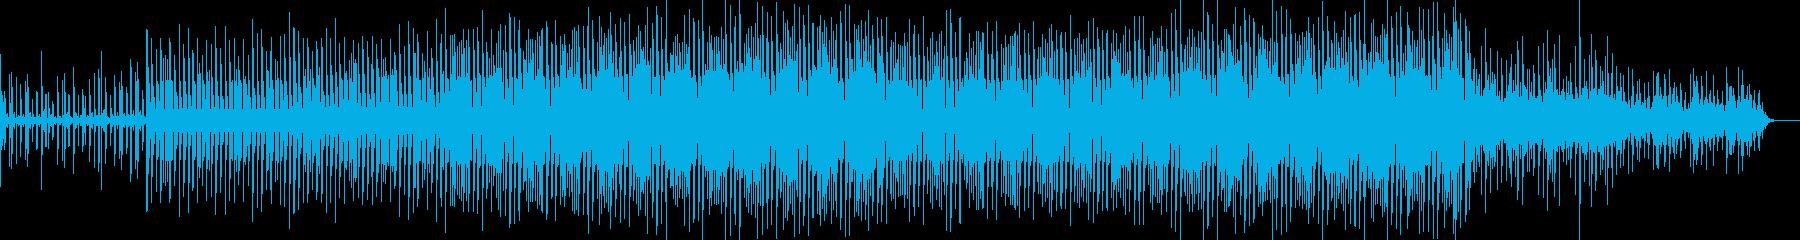 木琴のフレーズが不思議なリズミックBGMの再生済みの波形